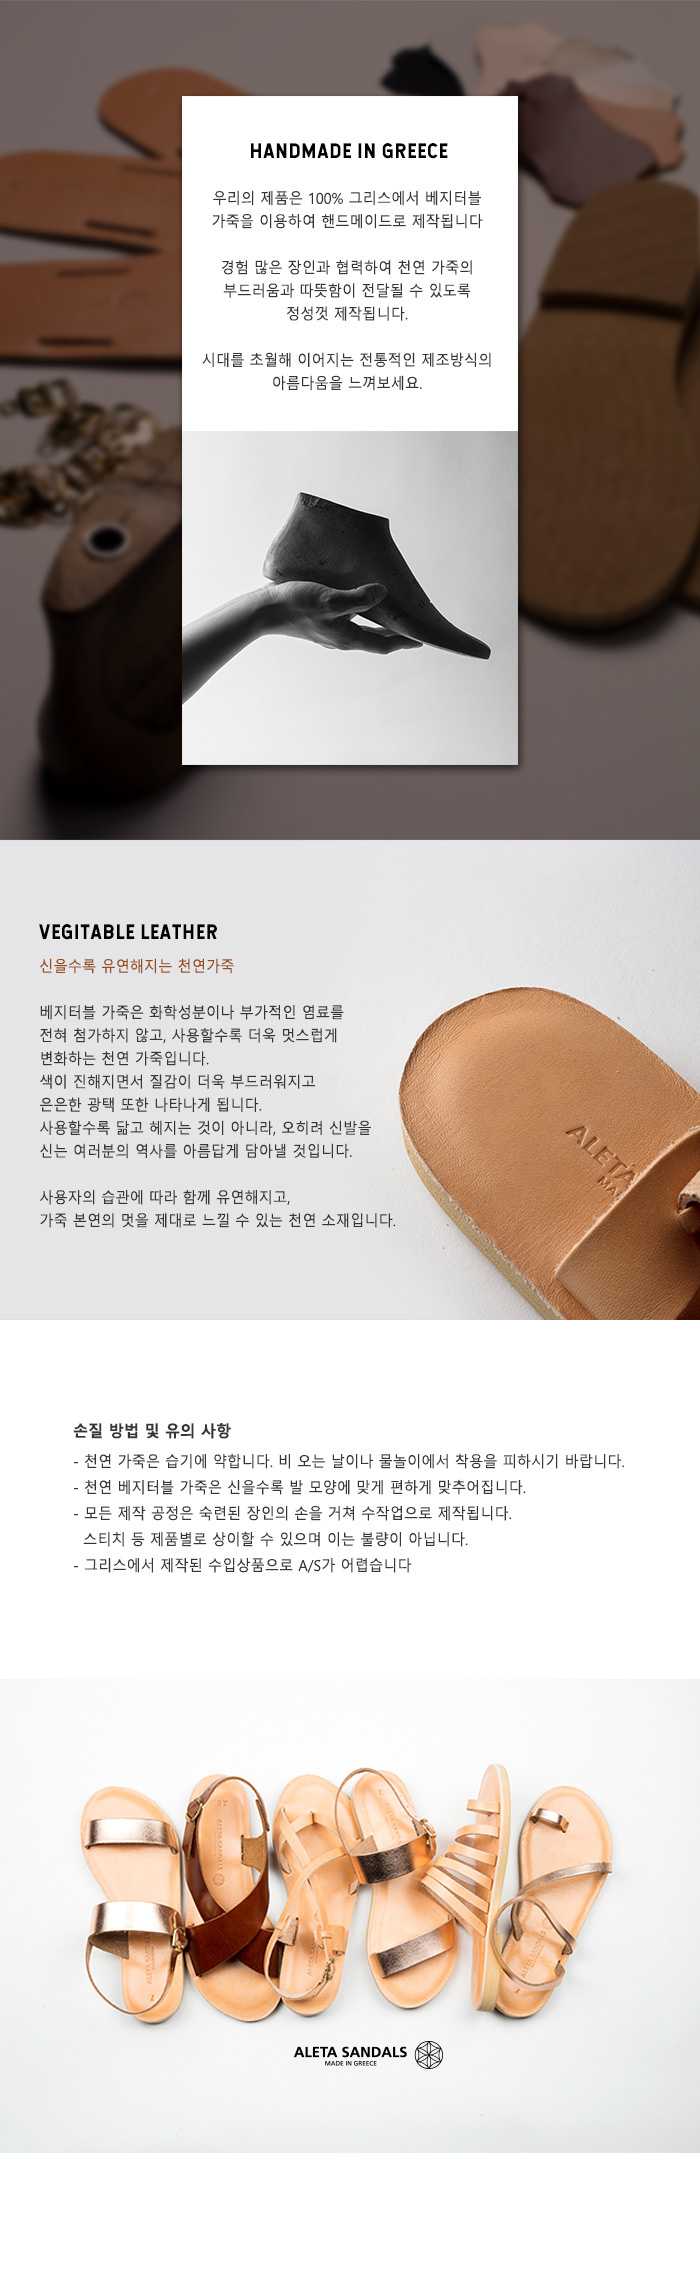 알레타 샌들(ALETA SANDAL) Multi Strap Sandal (tobacco)